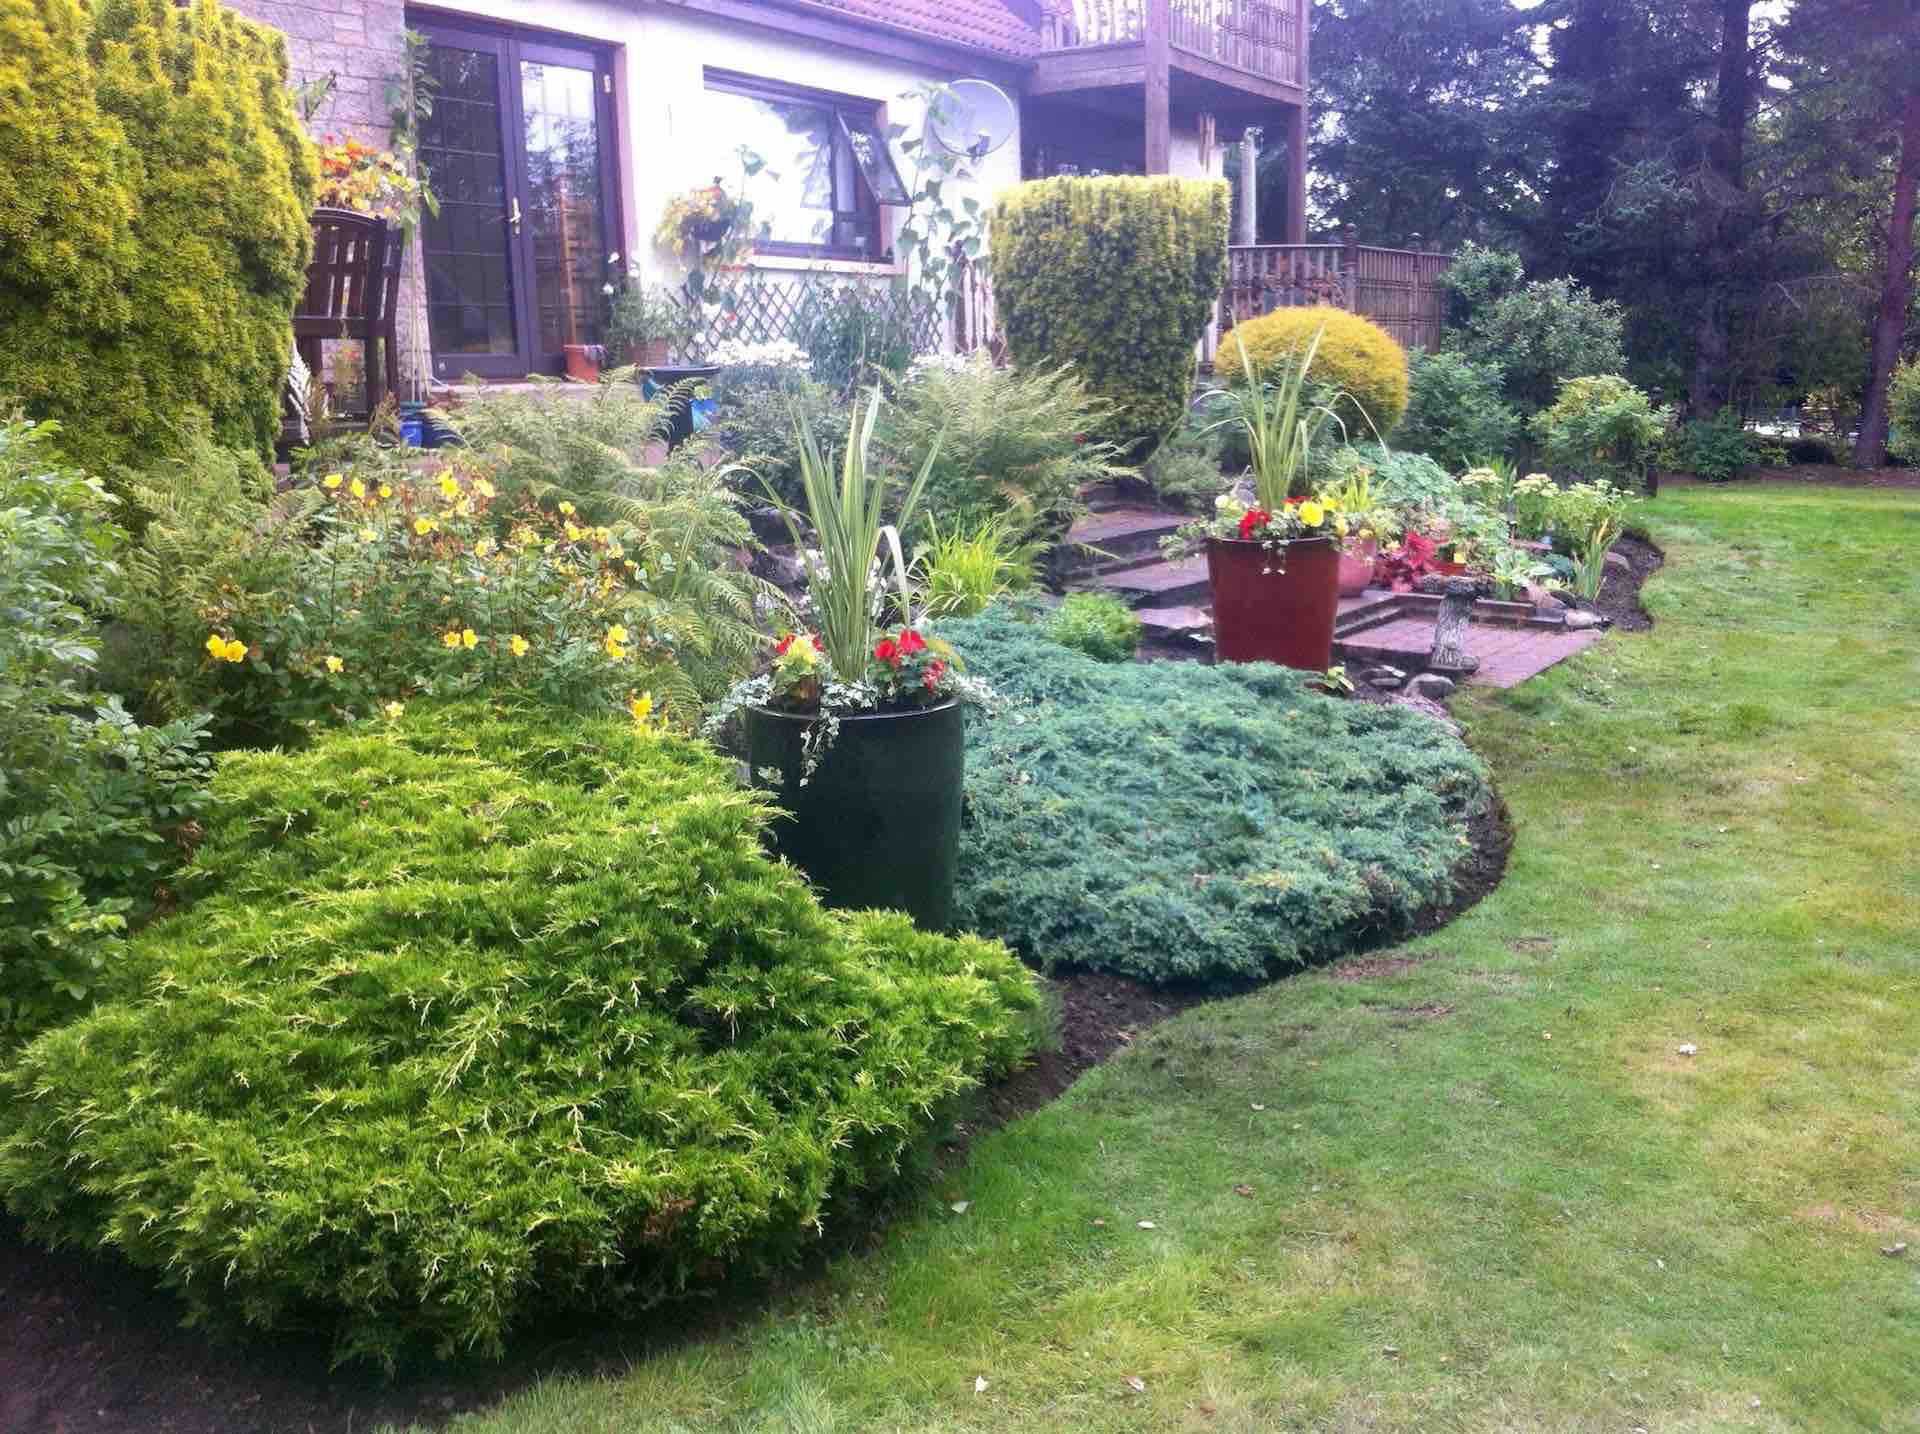 Garden restoration services Kinguissie